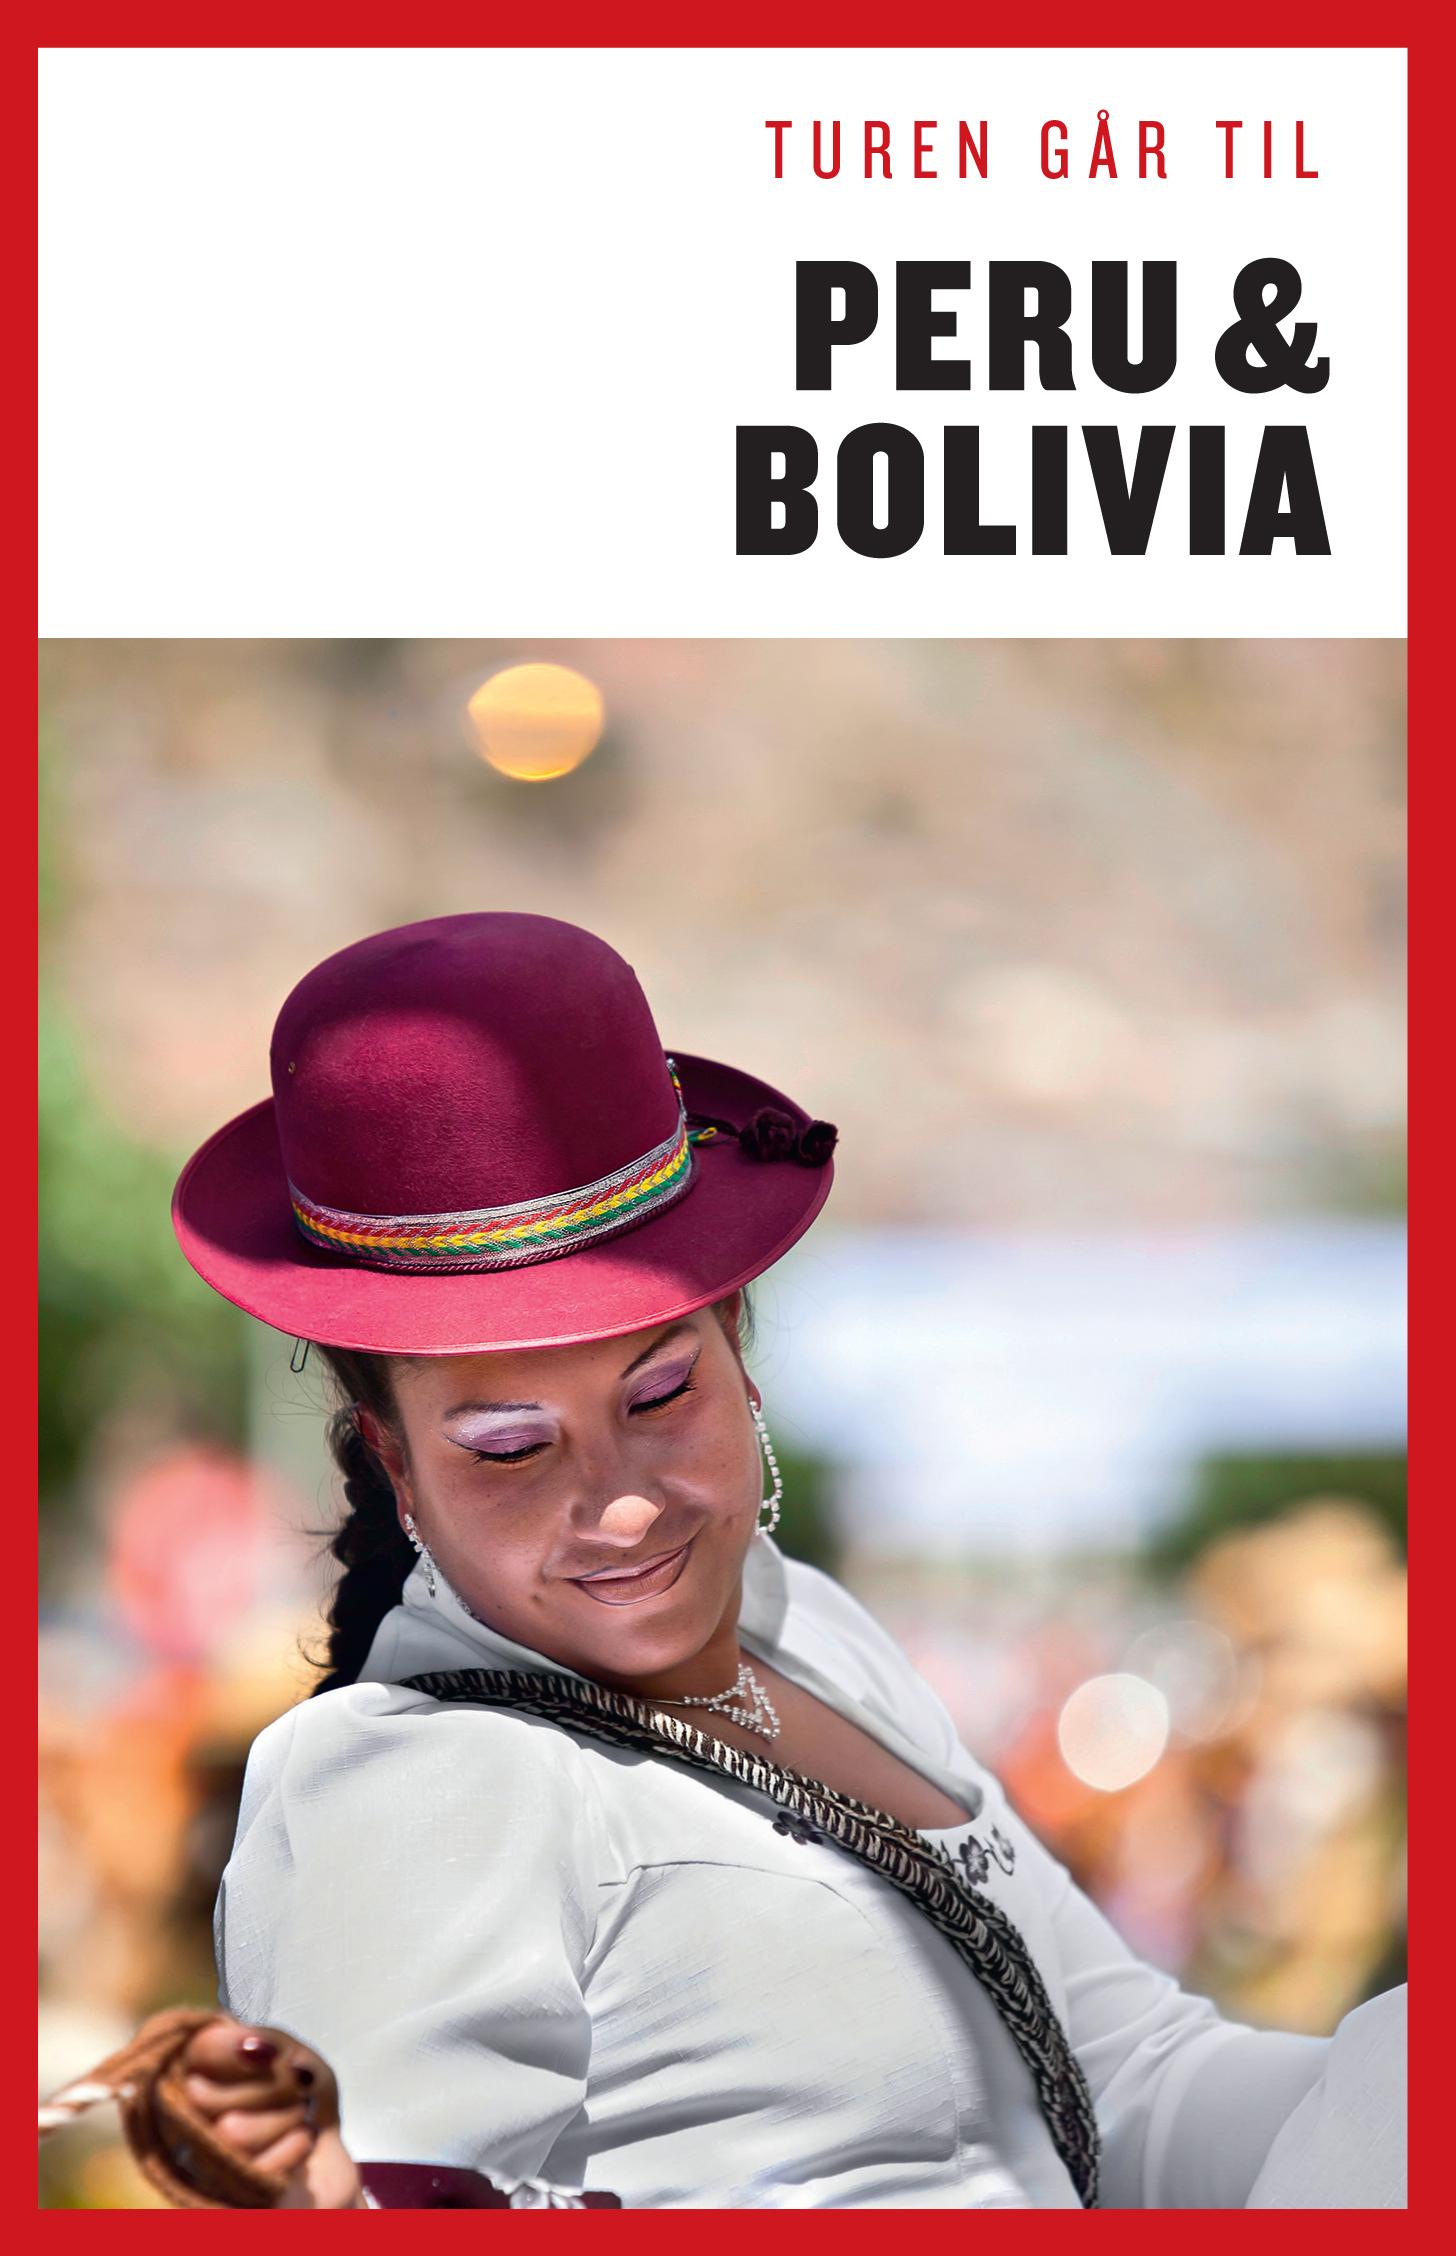 turen g r til peru bolivia christian martinez politikens forlag. Black Bedroom Furniture Sets. Home Design Ideas